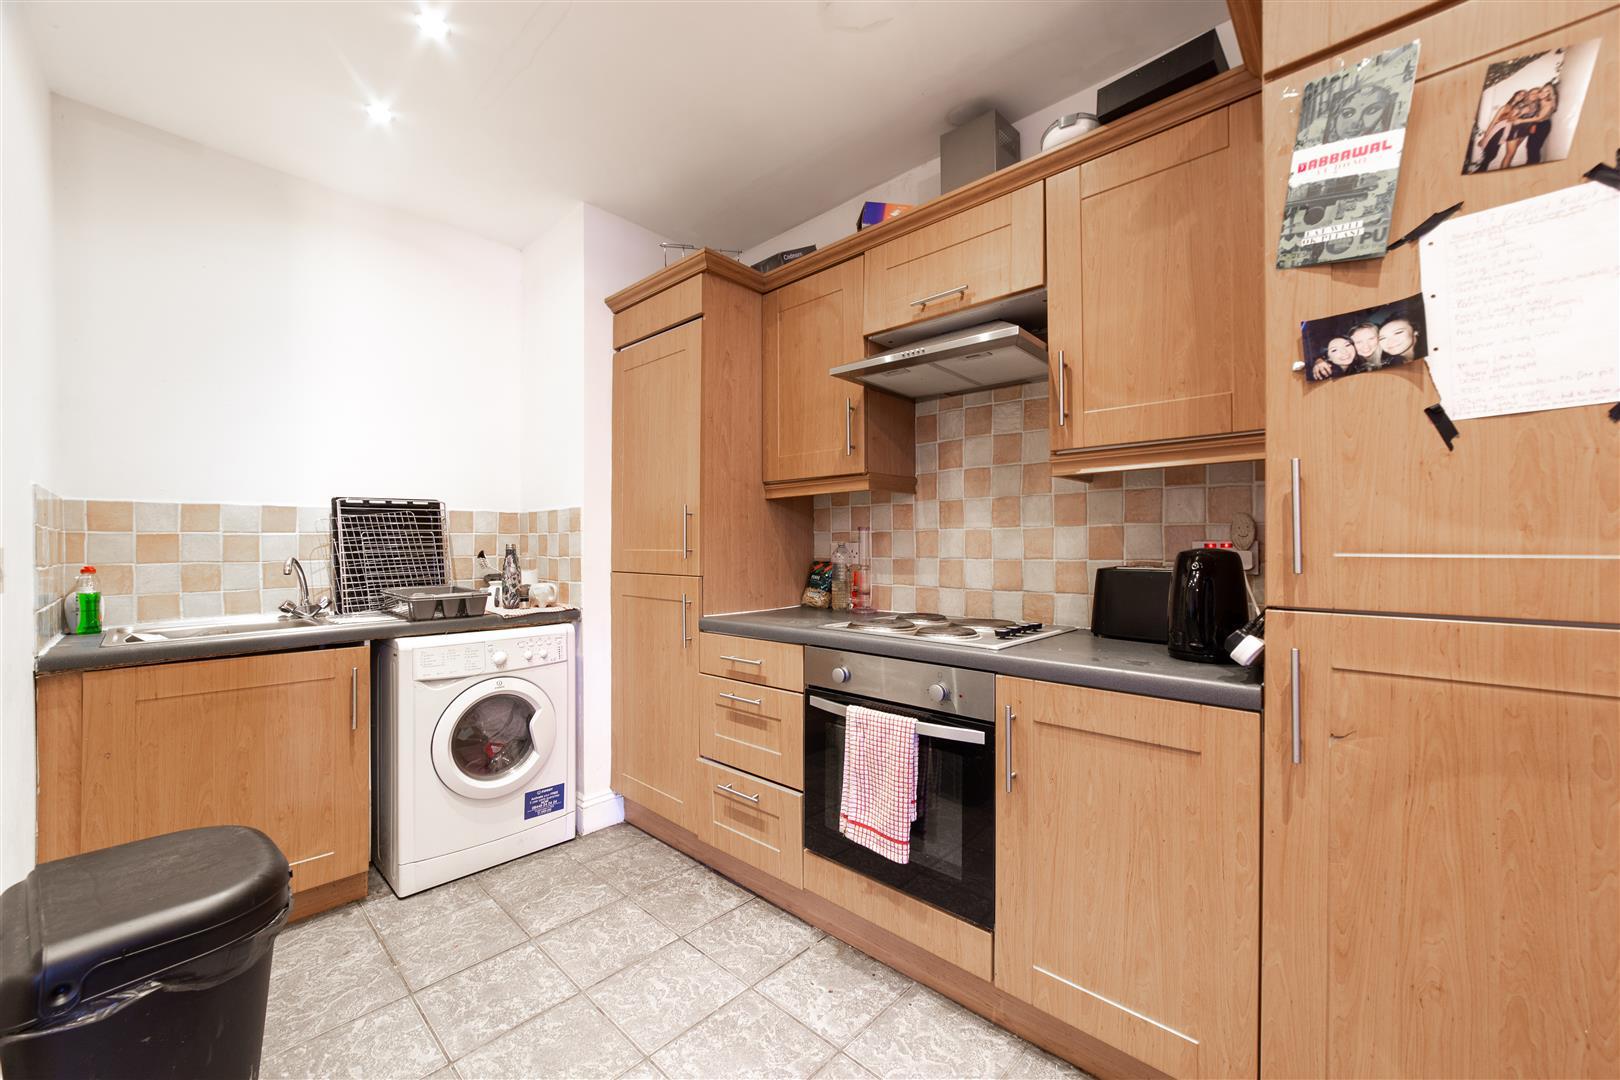 3 bed flat to rent in Fairfield Road, Jesmond, NE2